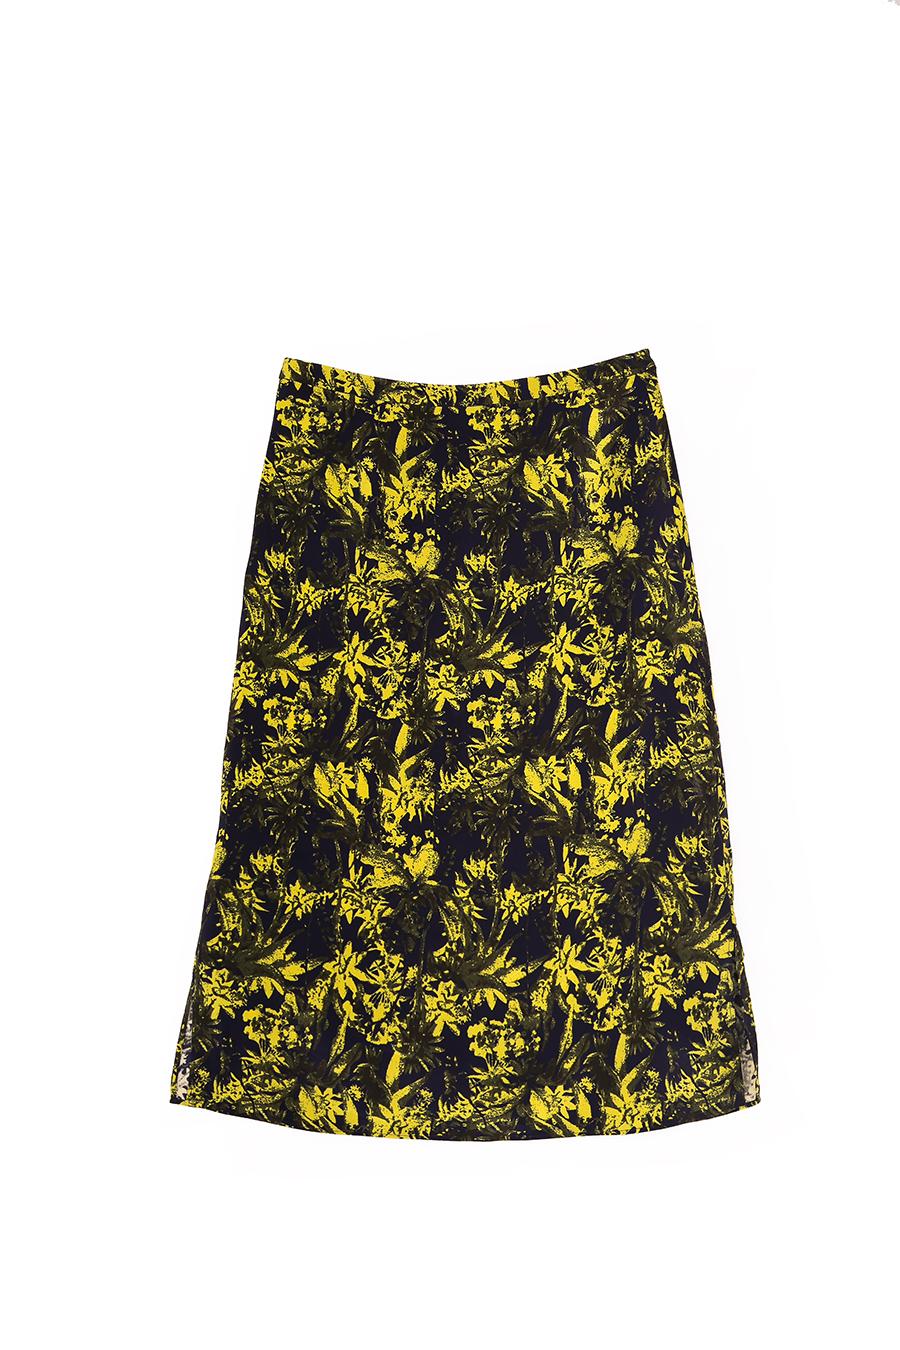 TRALALA skirt